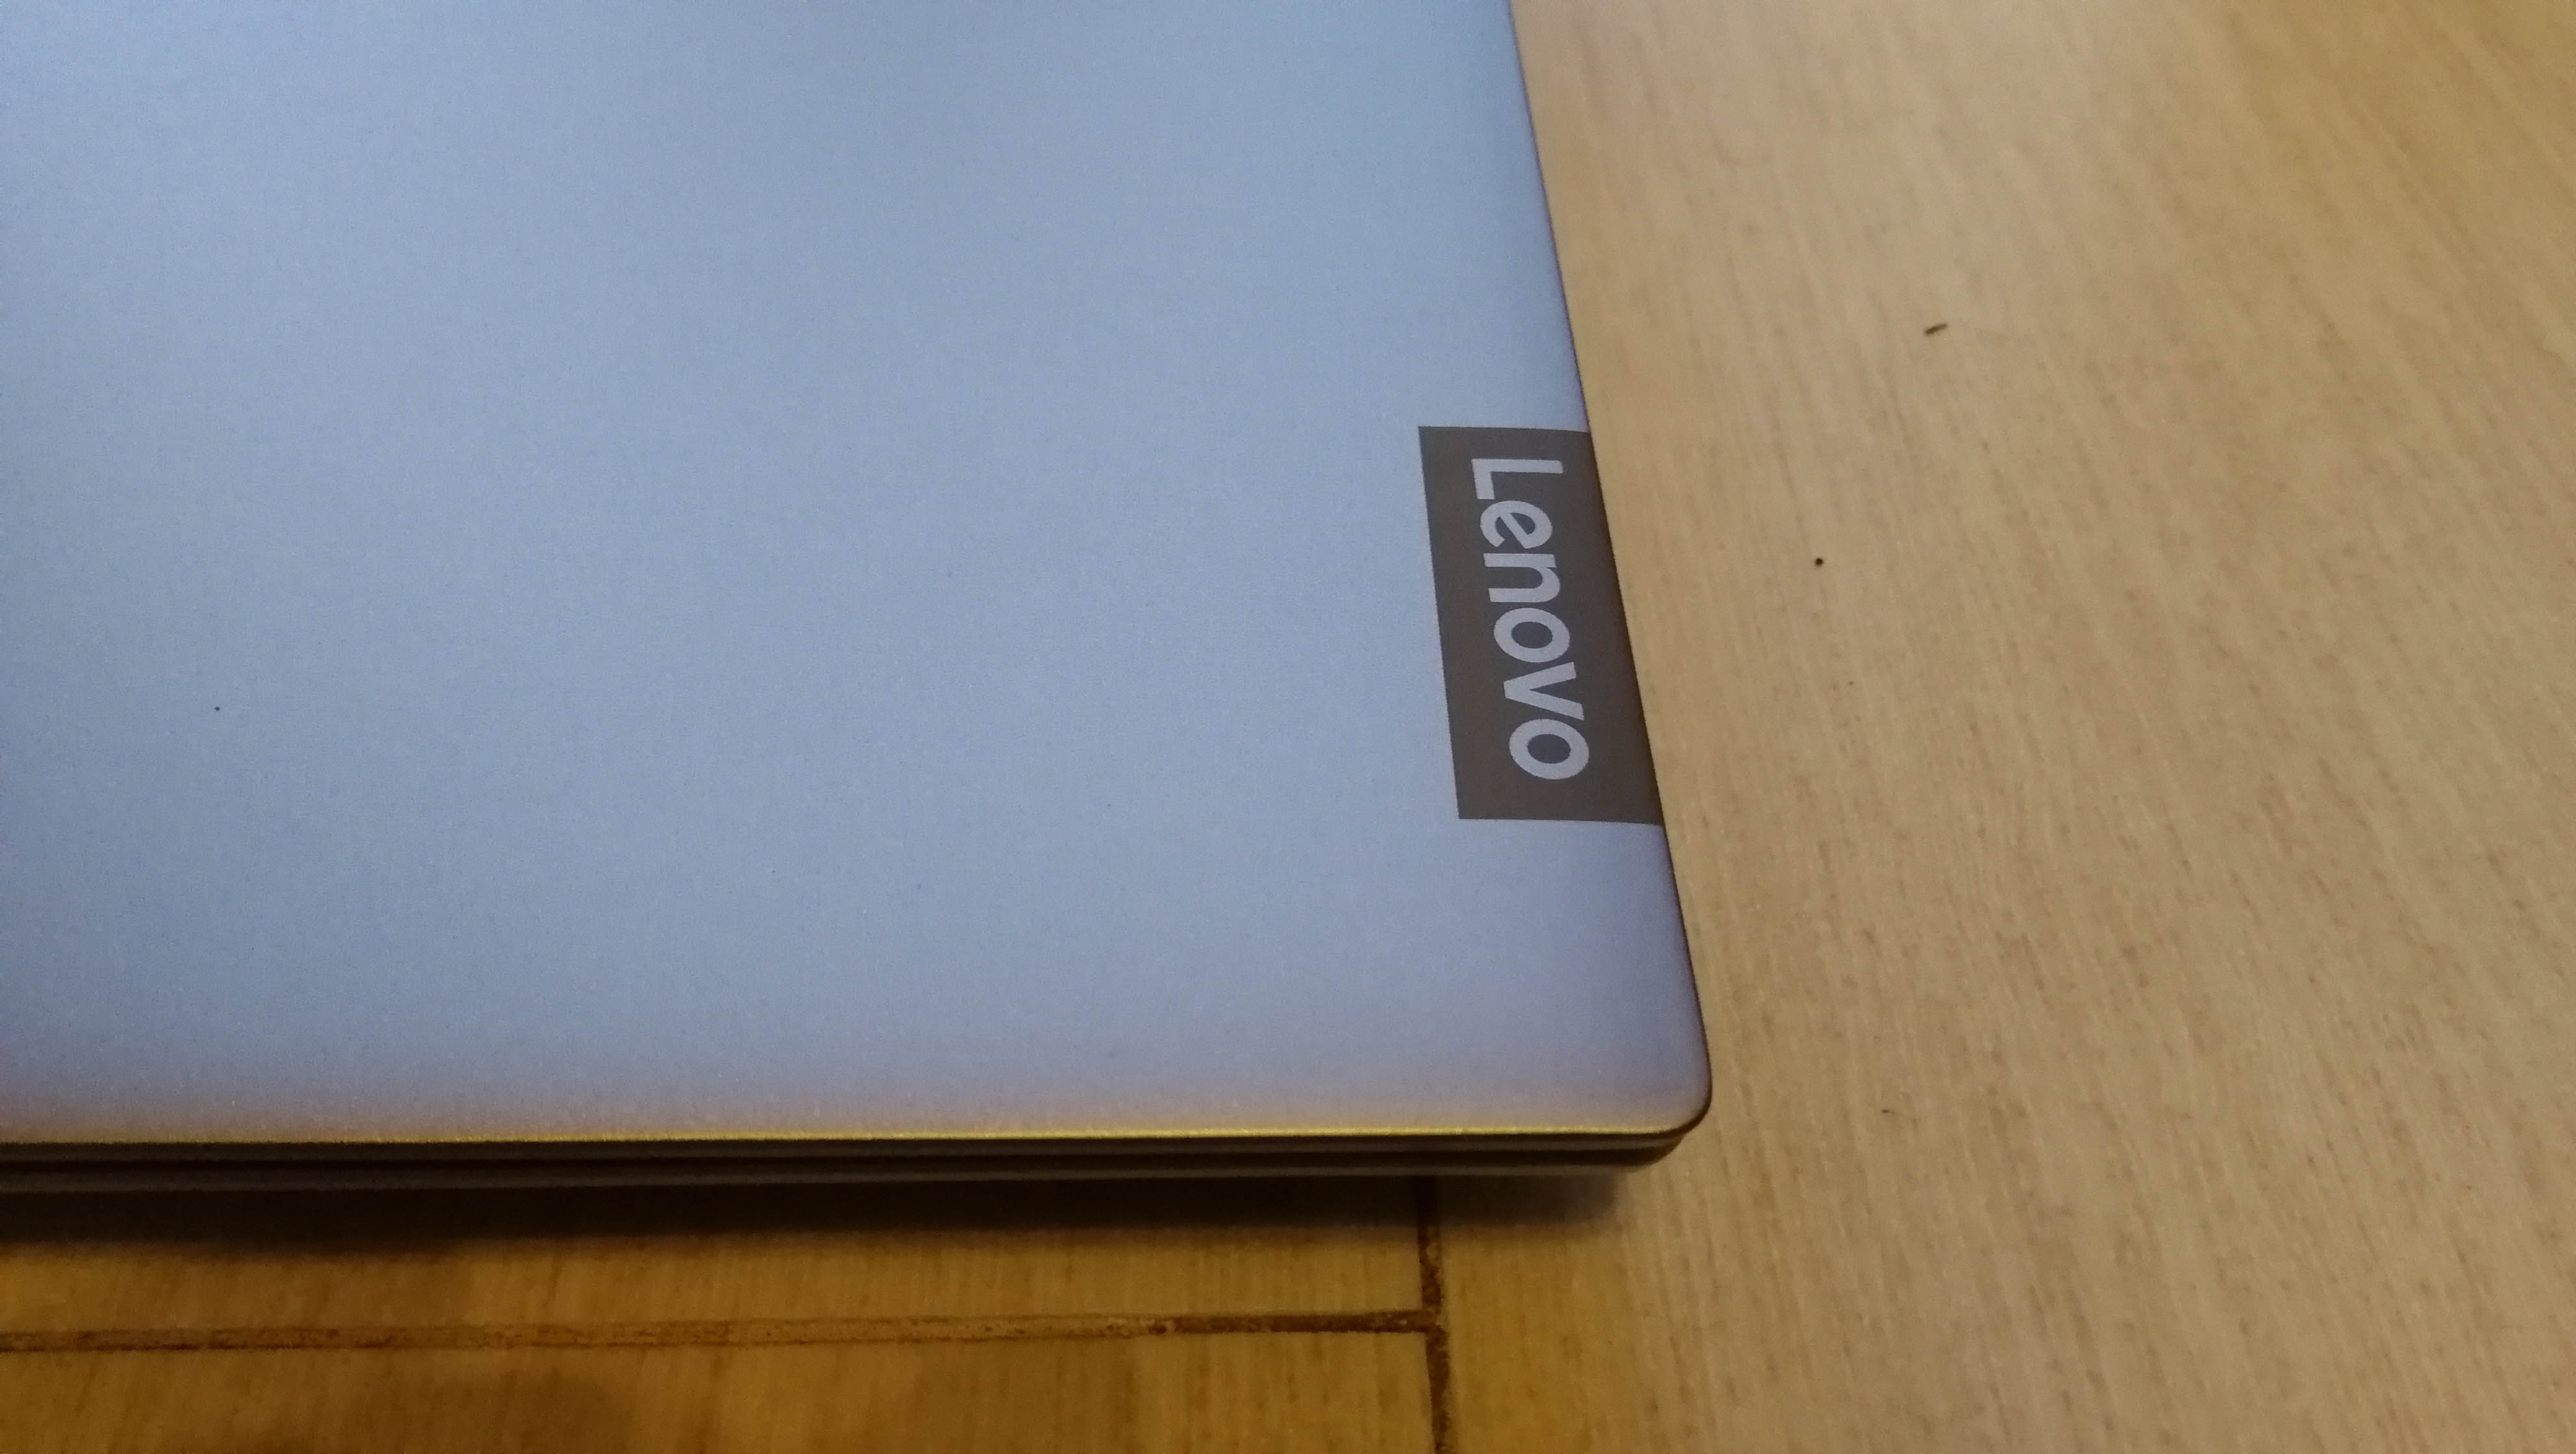 Lenovo IdeaPad S340: il Ryzen 5 3500U fa il suo lavoro | Recensione 2